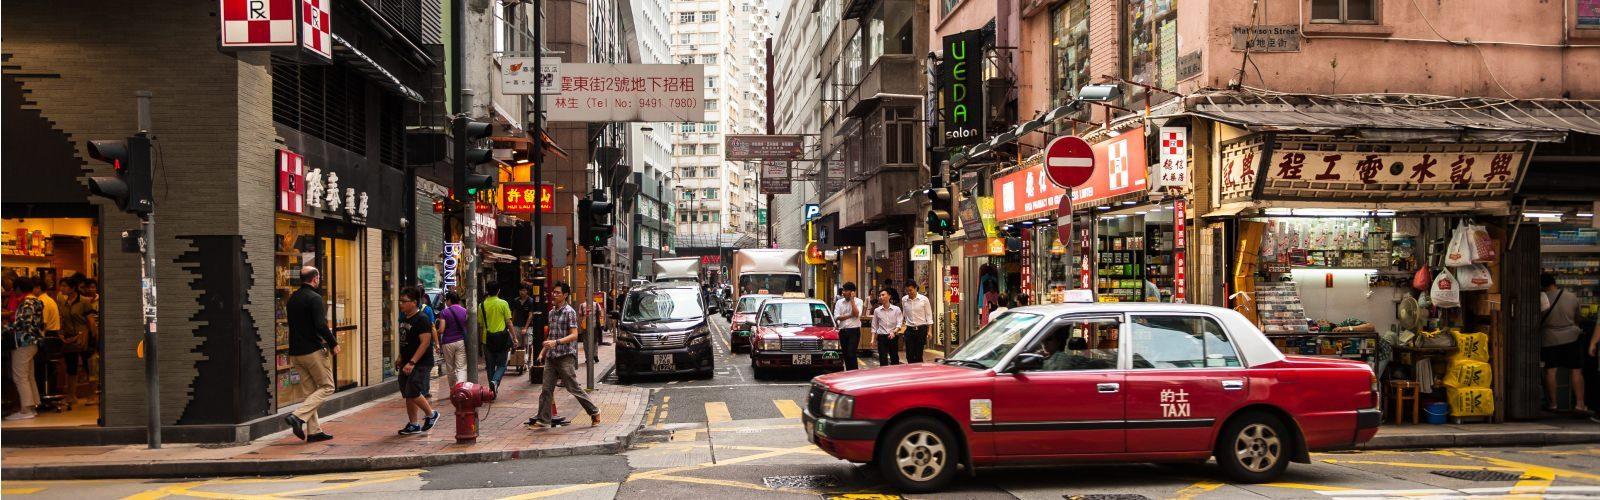 도심 속 여유를 꿈꾸는 당신을 위한 힐링 홍콩투어  image